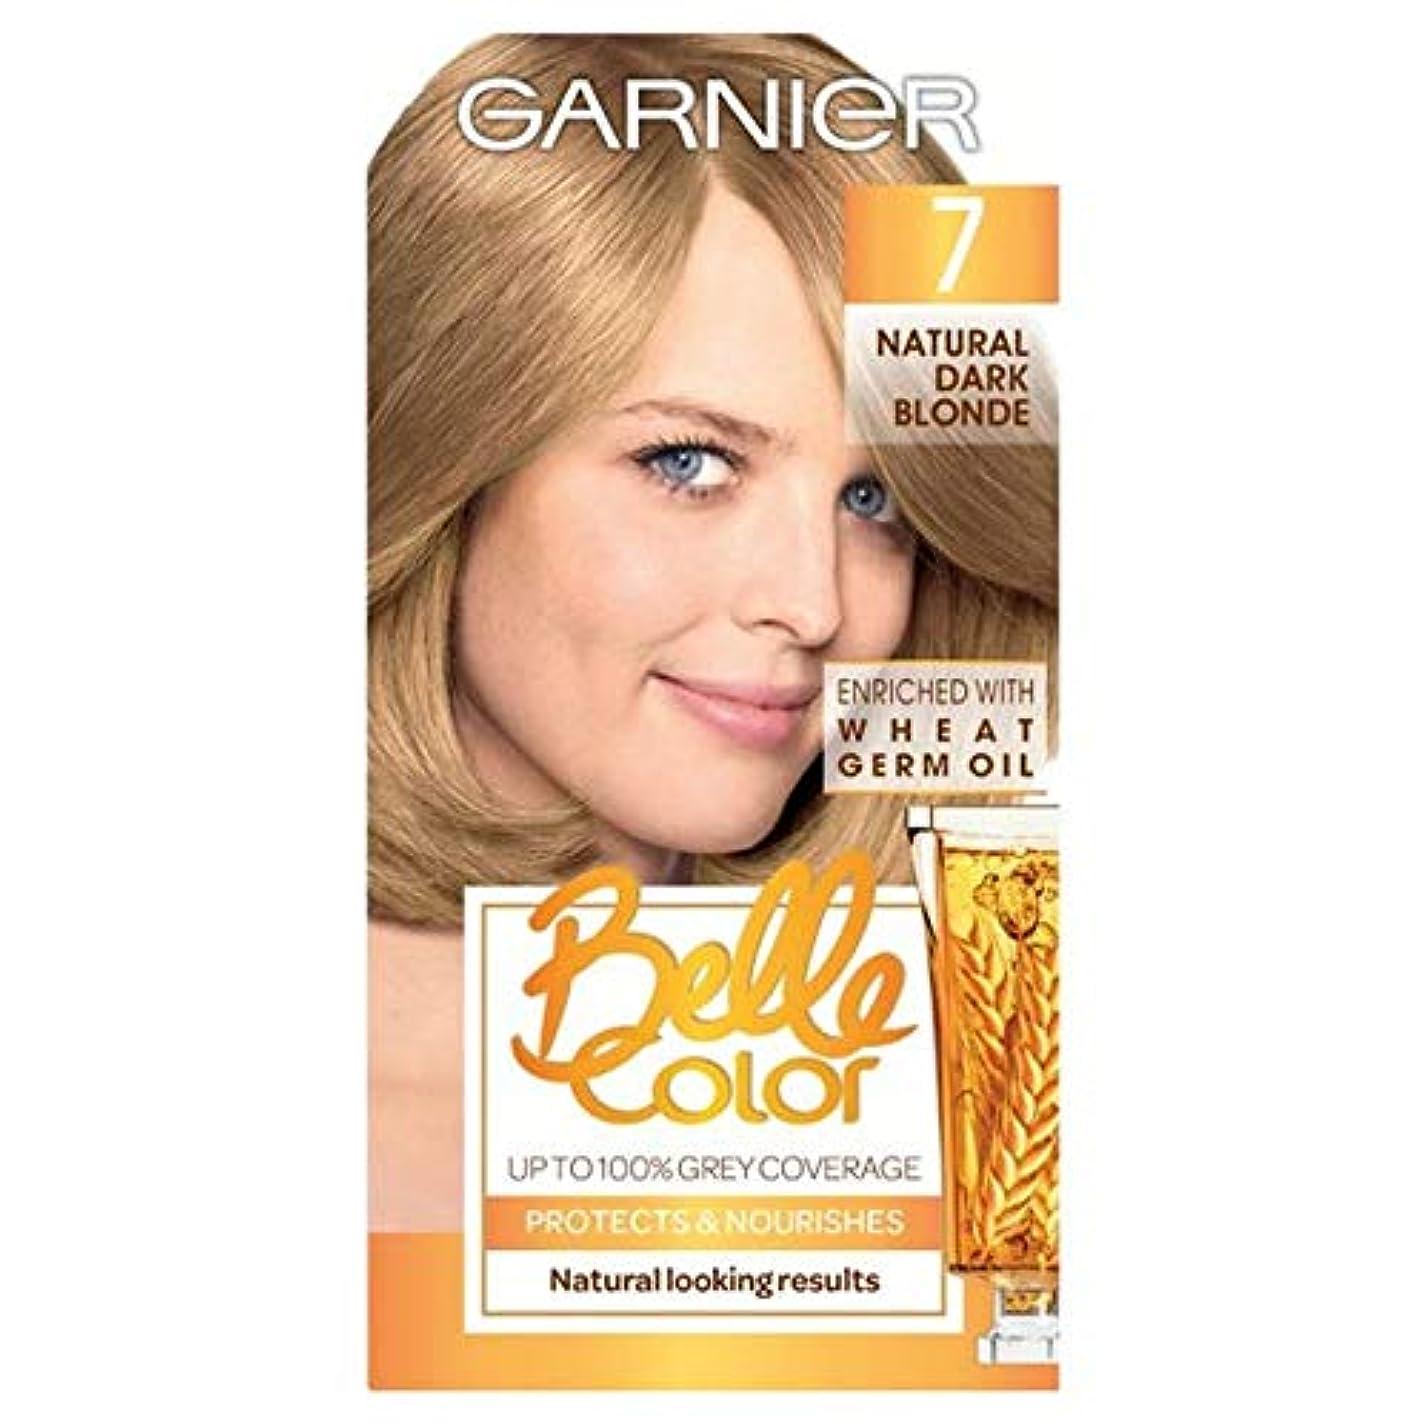 憂鬱な普通のに話す[Belle Color ] ガーン/ベル/Clr 7ナチュラルダークブロンドパーマネントヘアダイ - Garn/Bel/Clr 7 Natural Dark Blonde Permanent Hair Dye [並行輸入品]